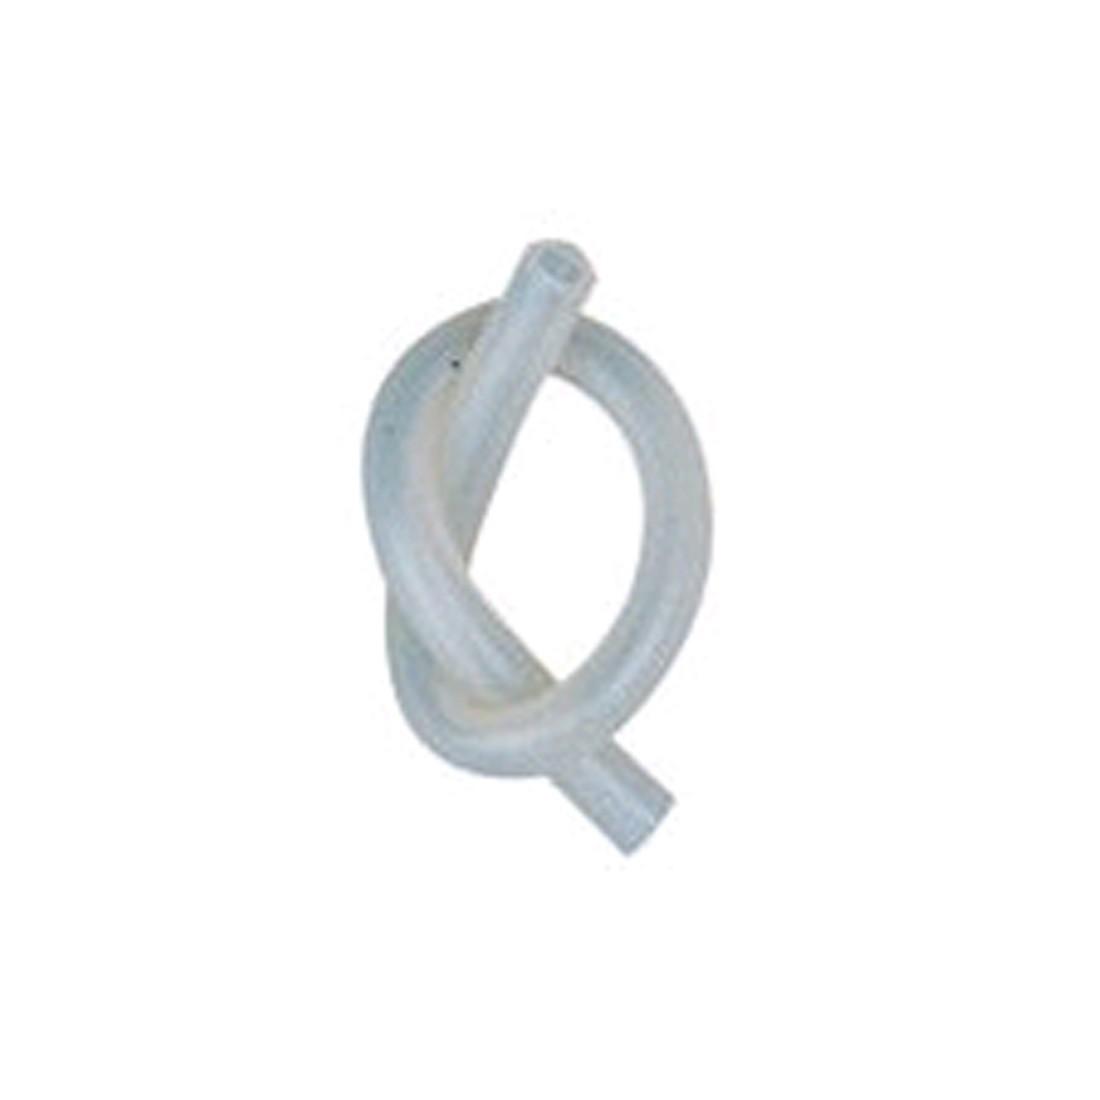 Silikon-Schlauch, durchsichtig, 4,0 x 1,5 mm, lfd. Meter